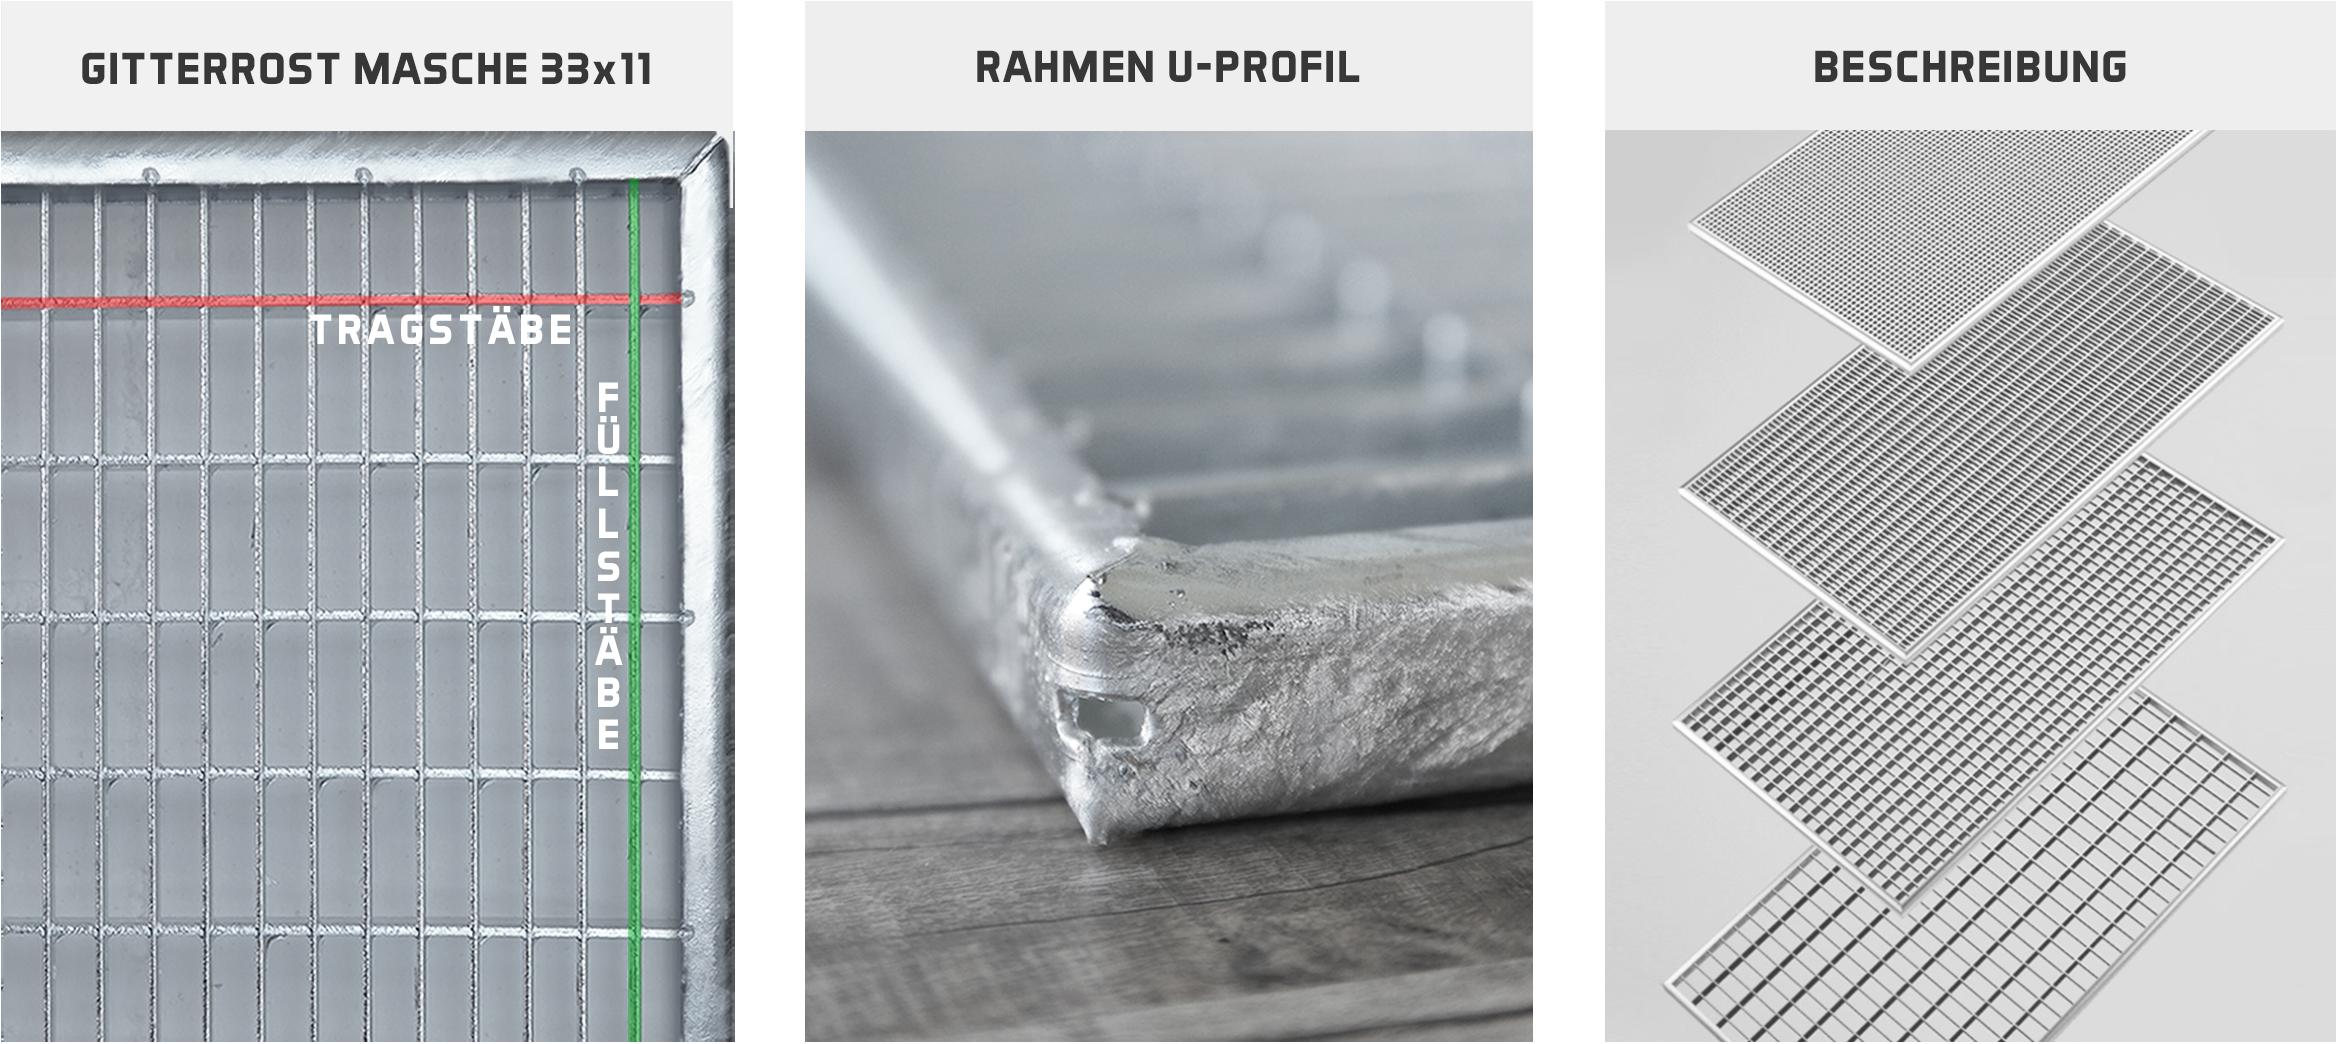 Charmant Gitterroste Zum Kochen Fotos - Die Besten Elektrischen ...